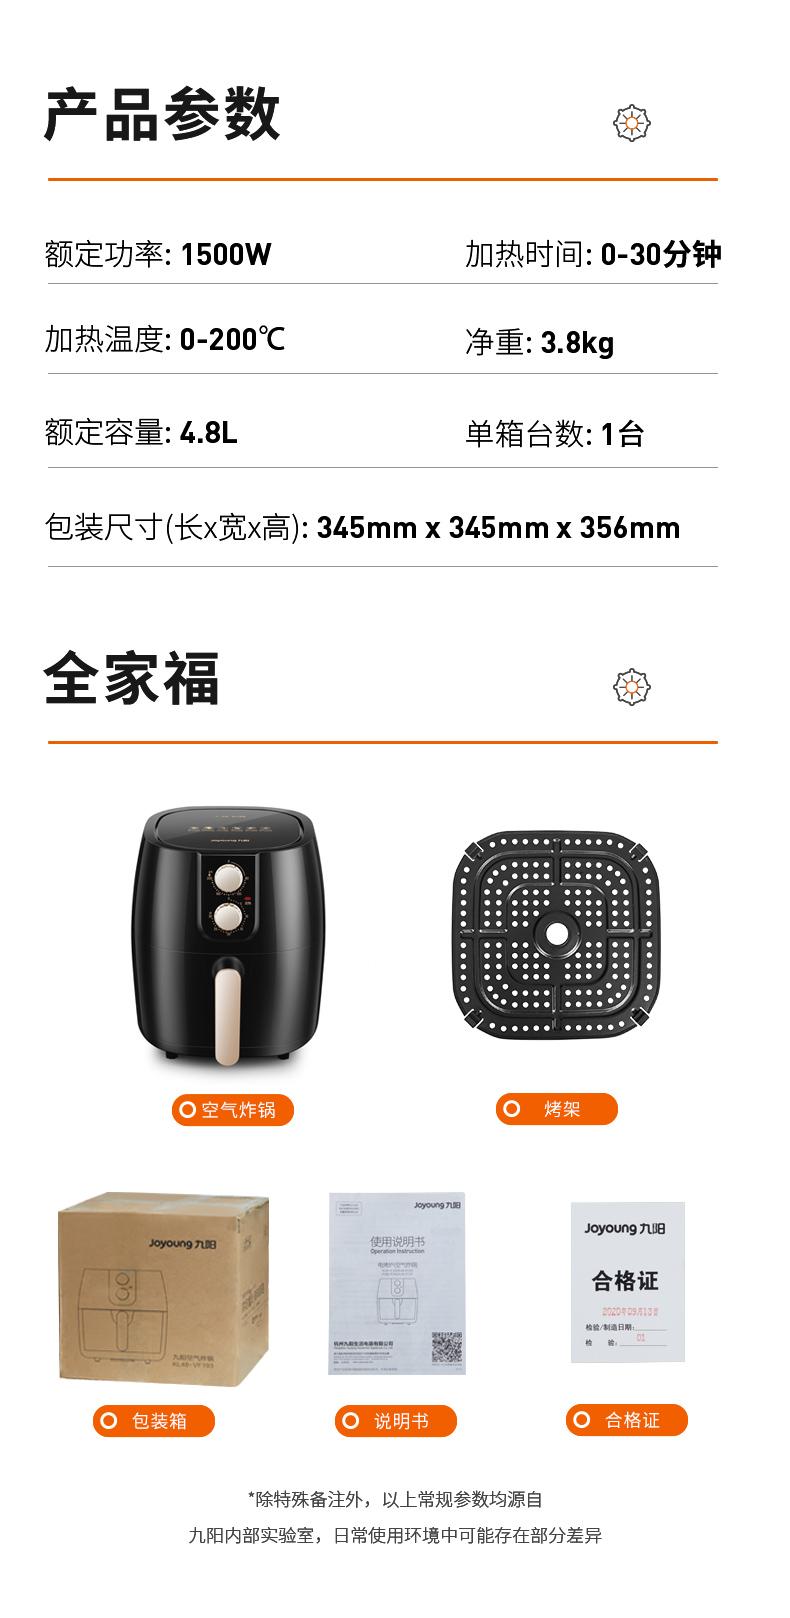 九阳 全自动多功能无油空气炸锅 4.8L大容量 图13